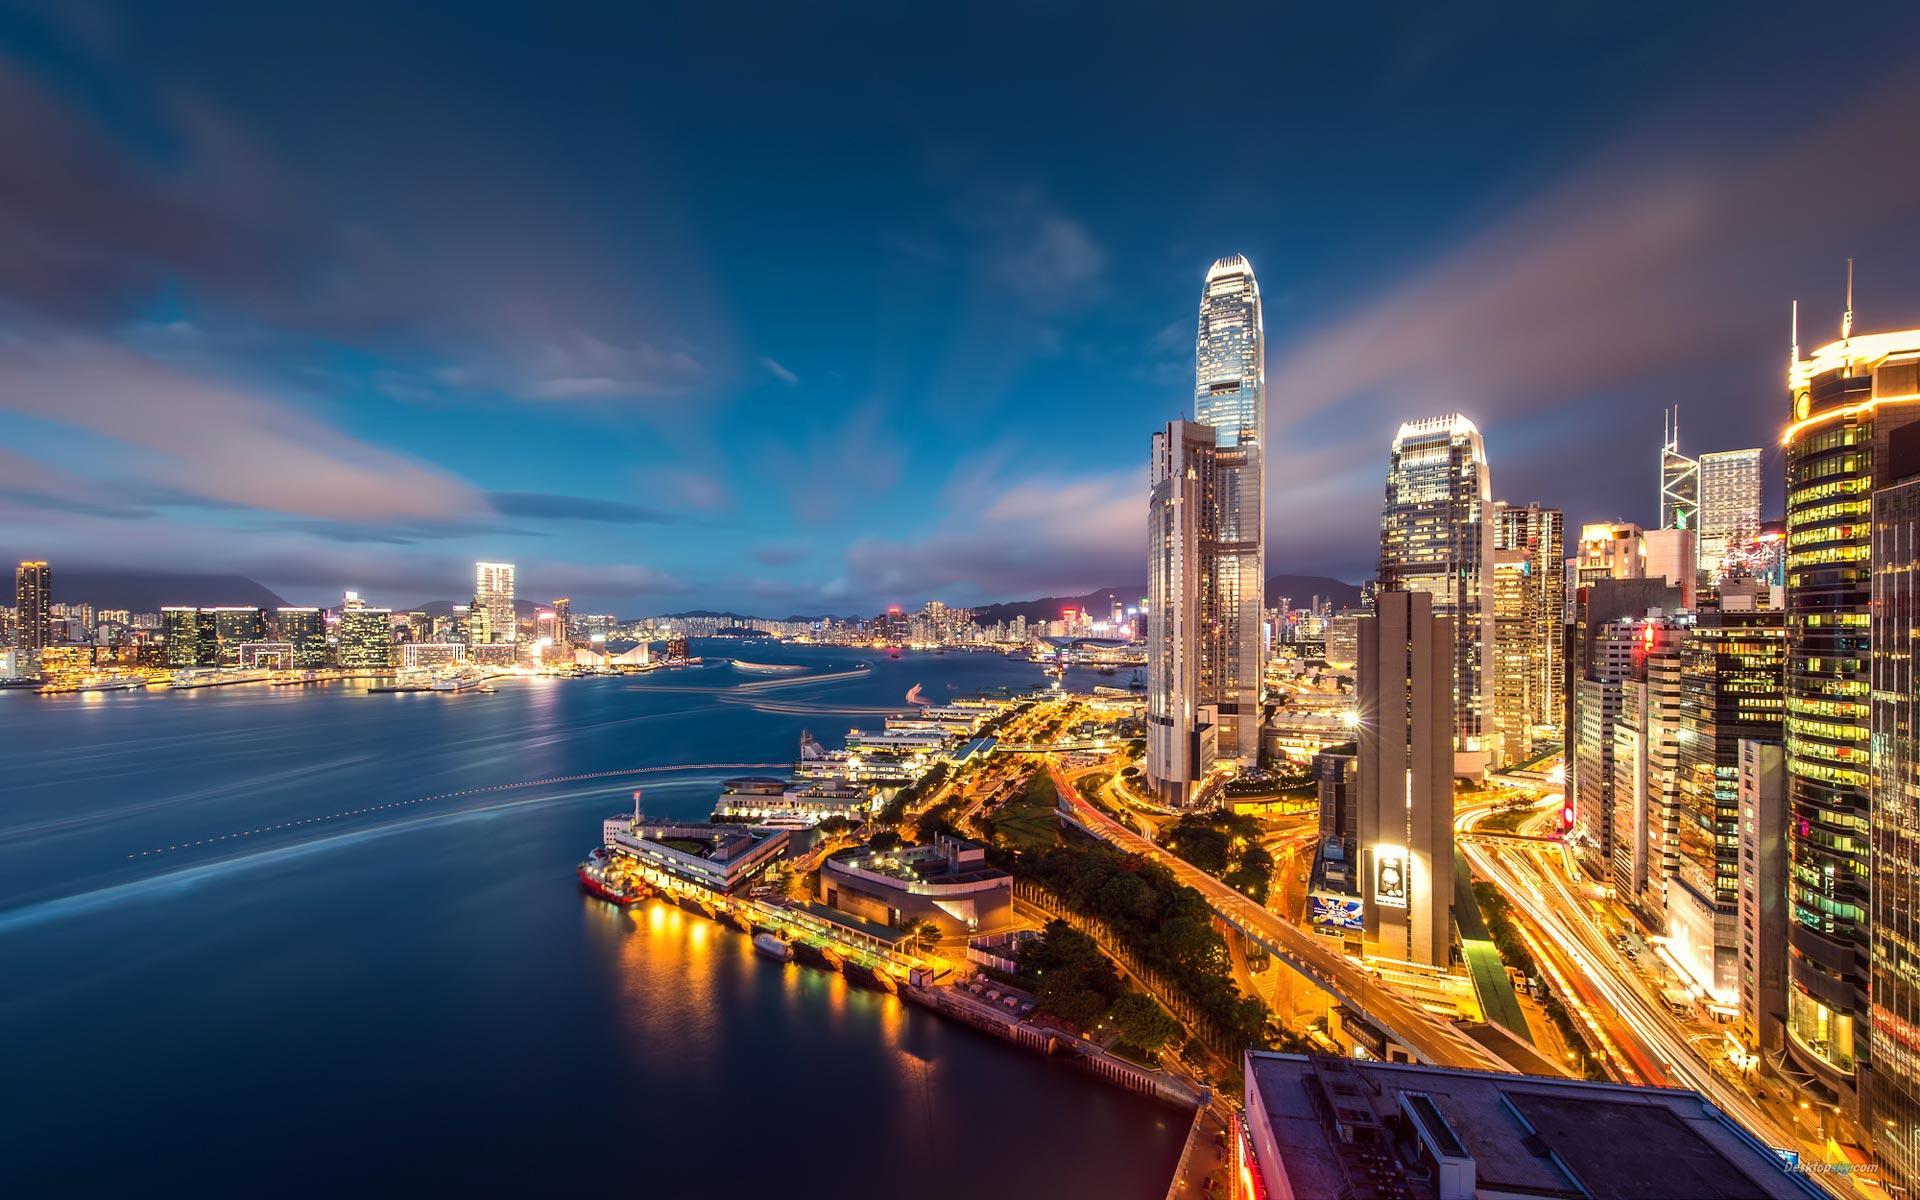 吳鵬飛:給港獨敲響一記警鐘,也給國家提個醒 - 華發網繁體版